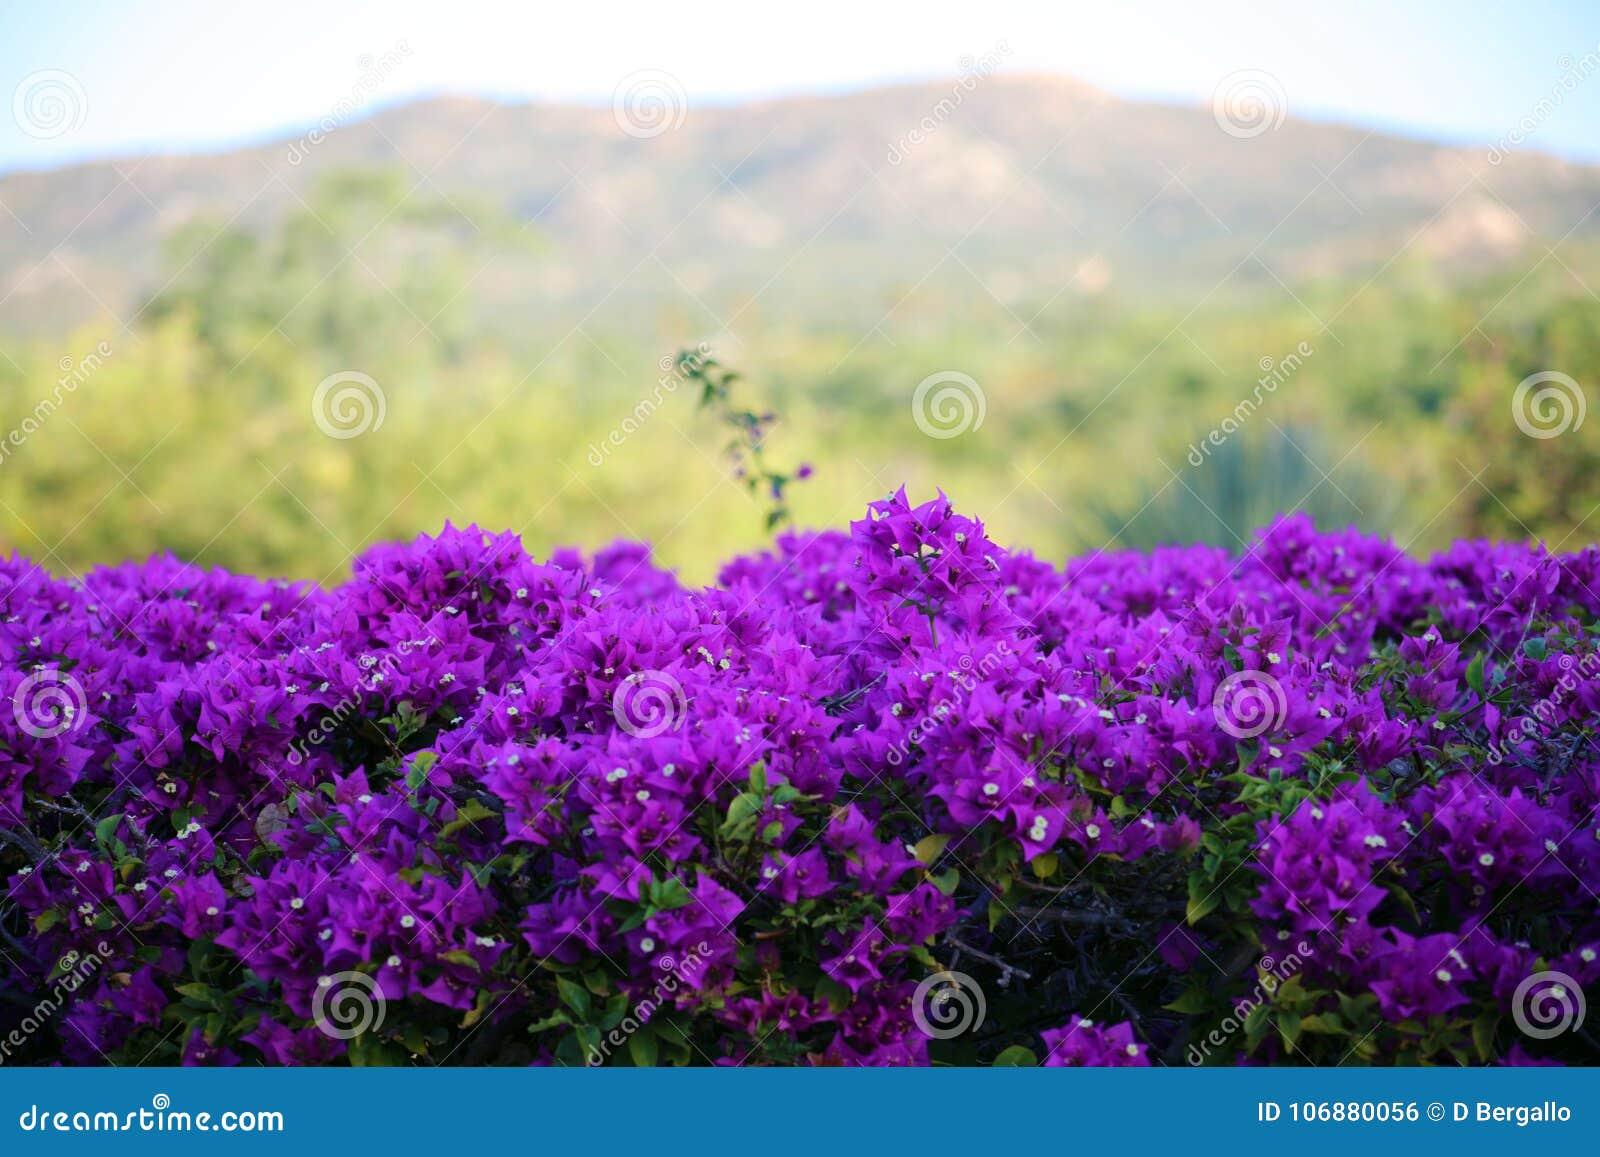 Purple flowers violet flores purpura violetas 50 megapixels picture